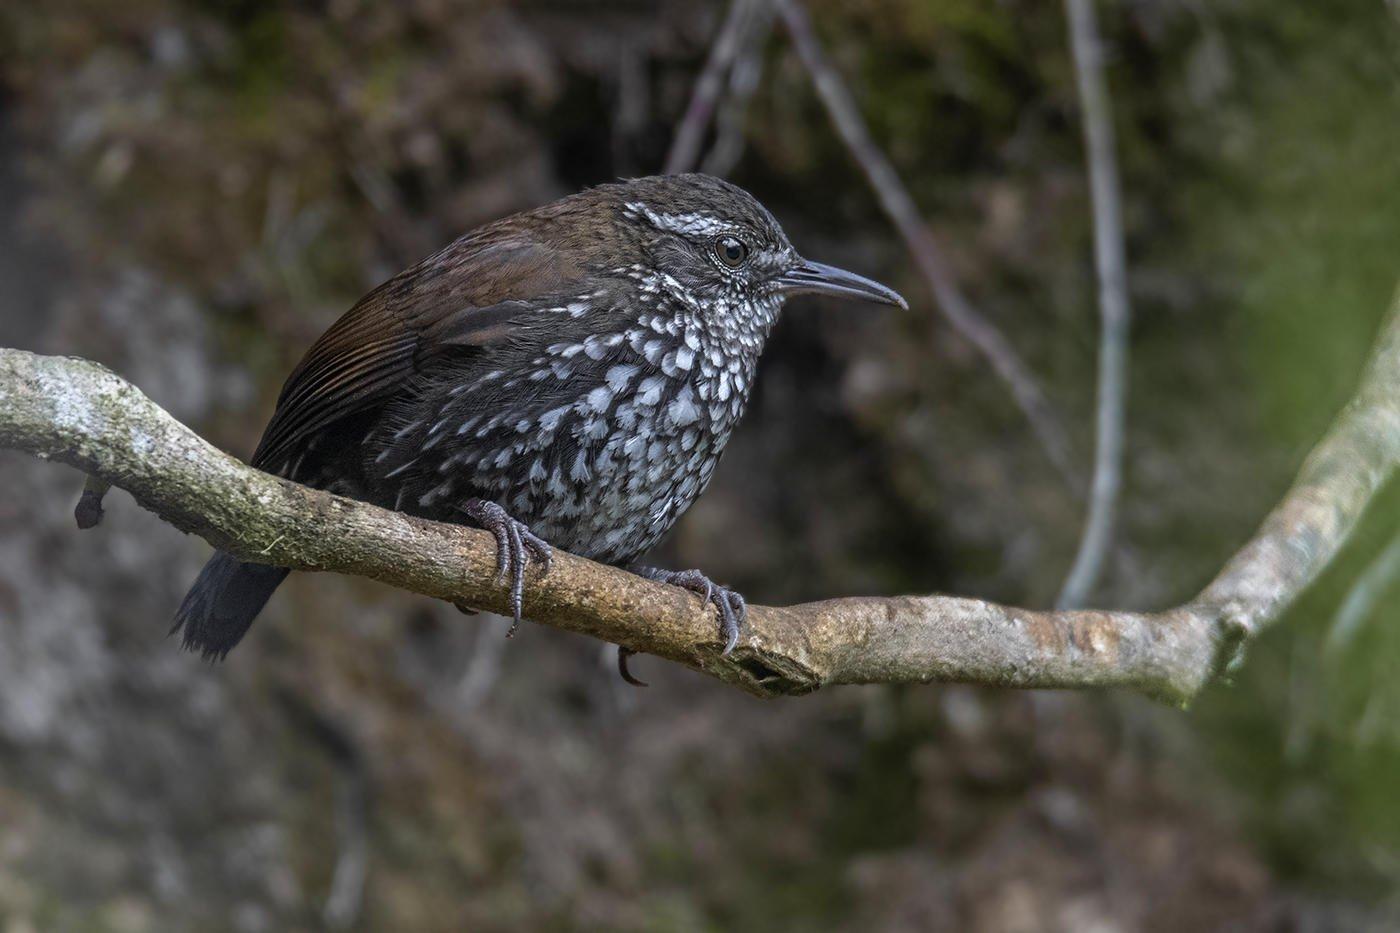 Riachuelero (Sharp-tailed Streamcreeper) (Salvador Solé Soriano)